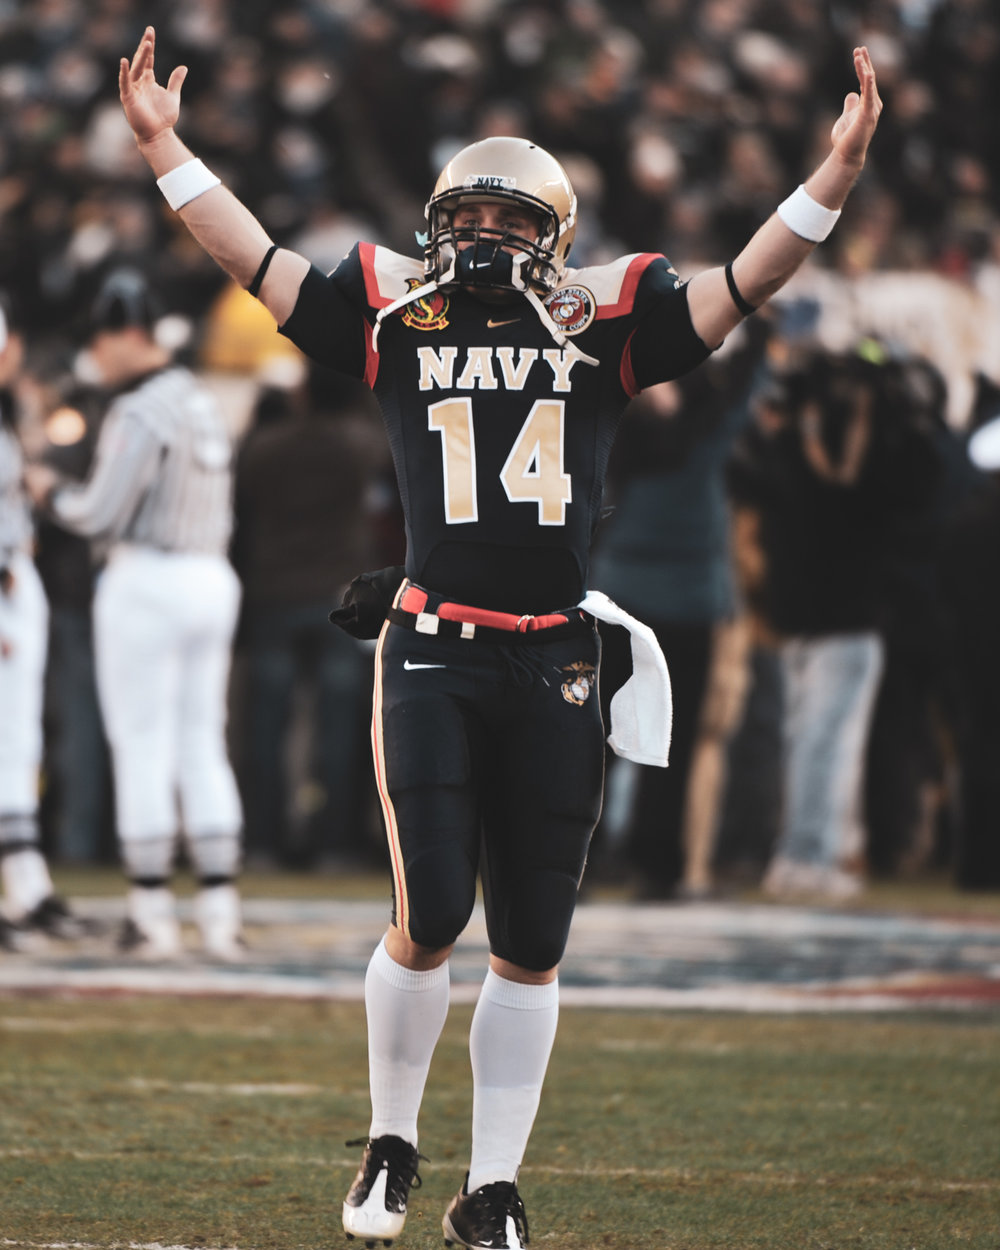 Navy - 2009.jpg